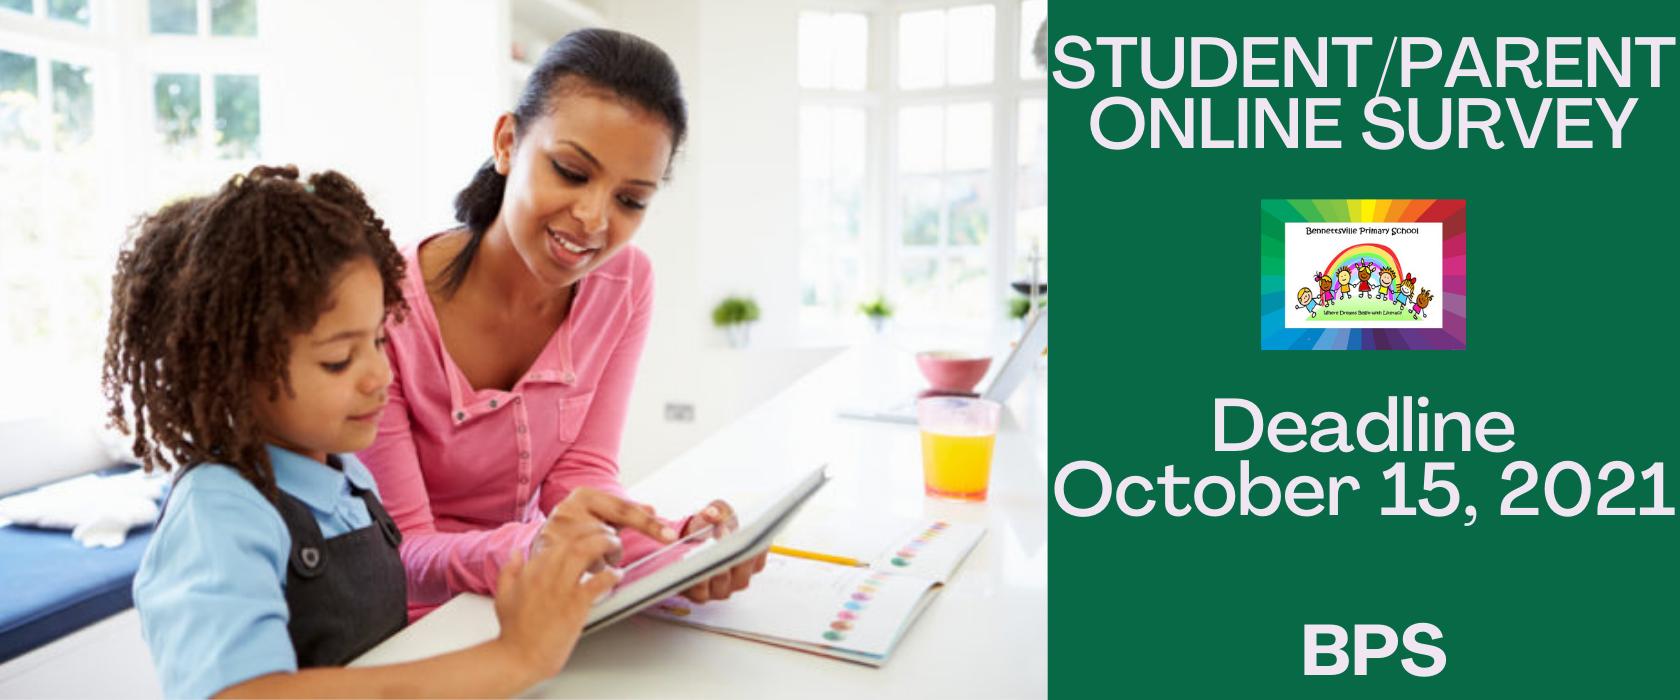 Student/Parent Survey